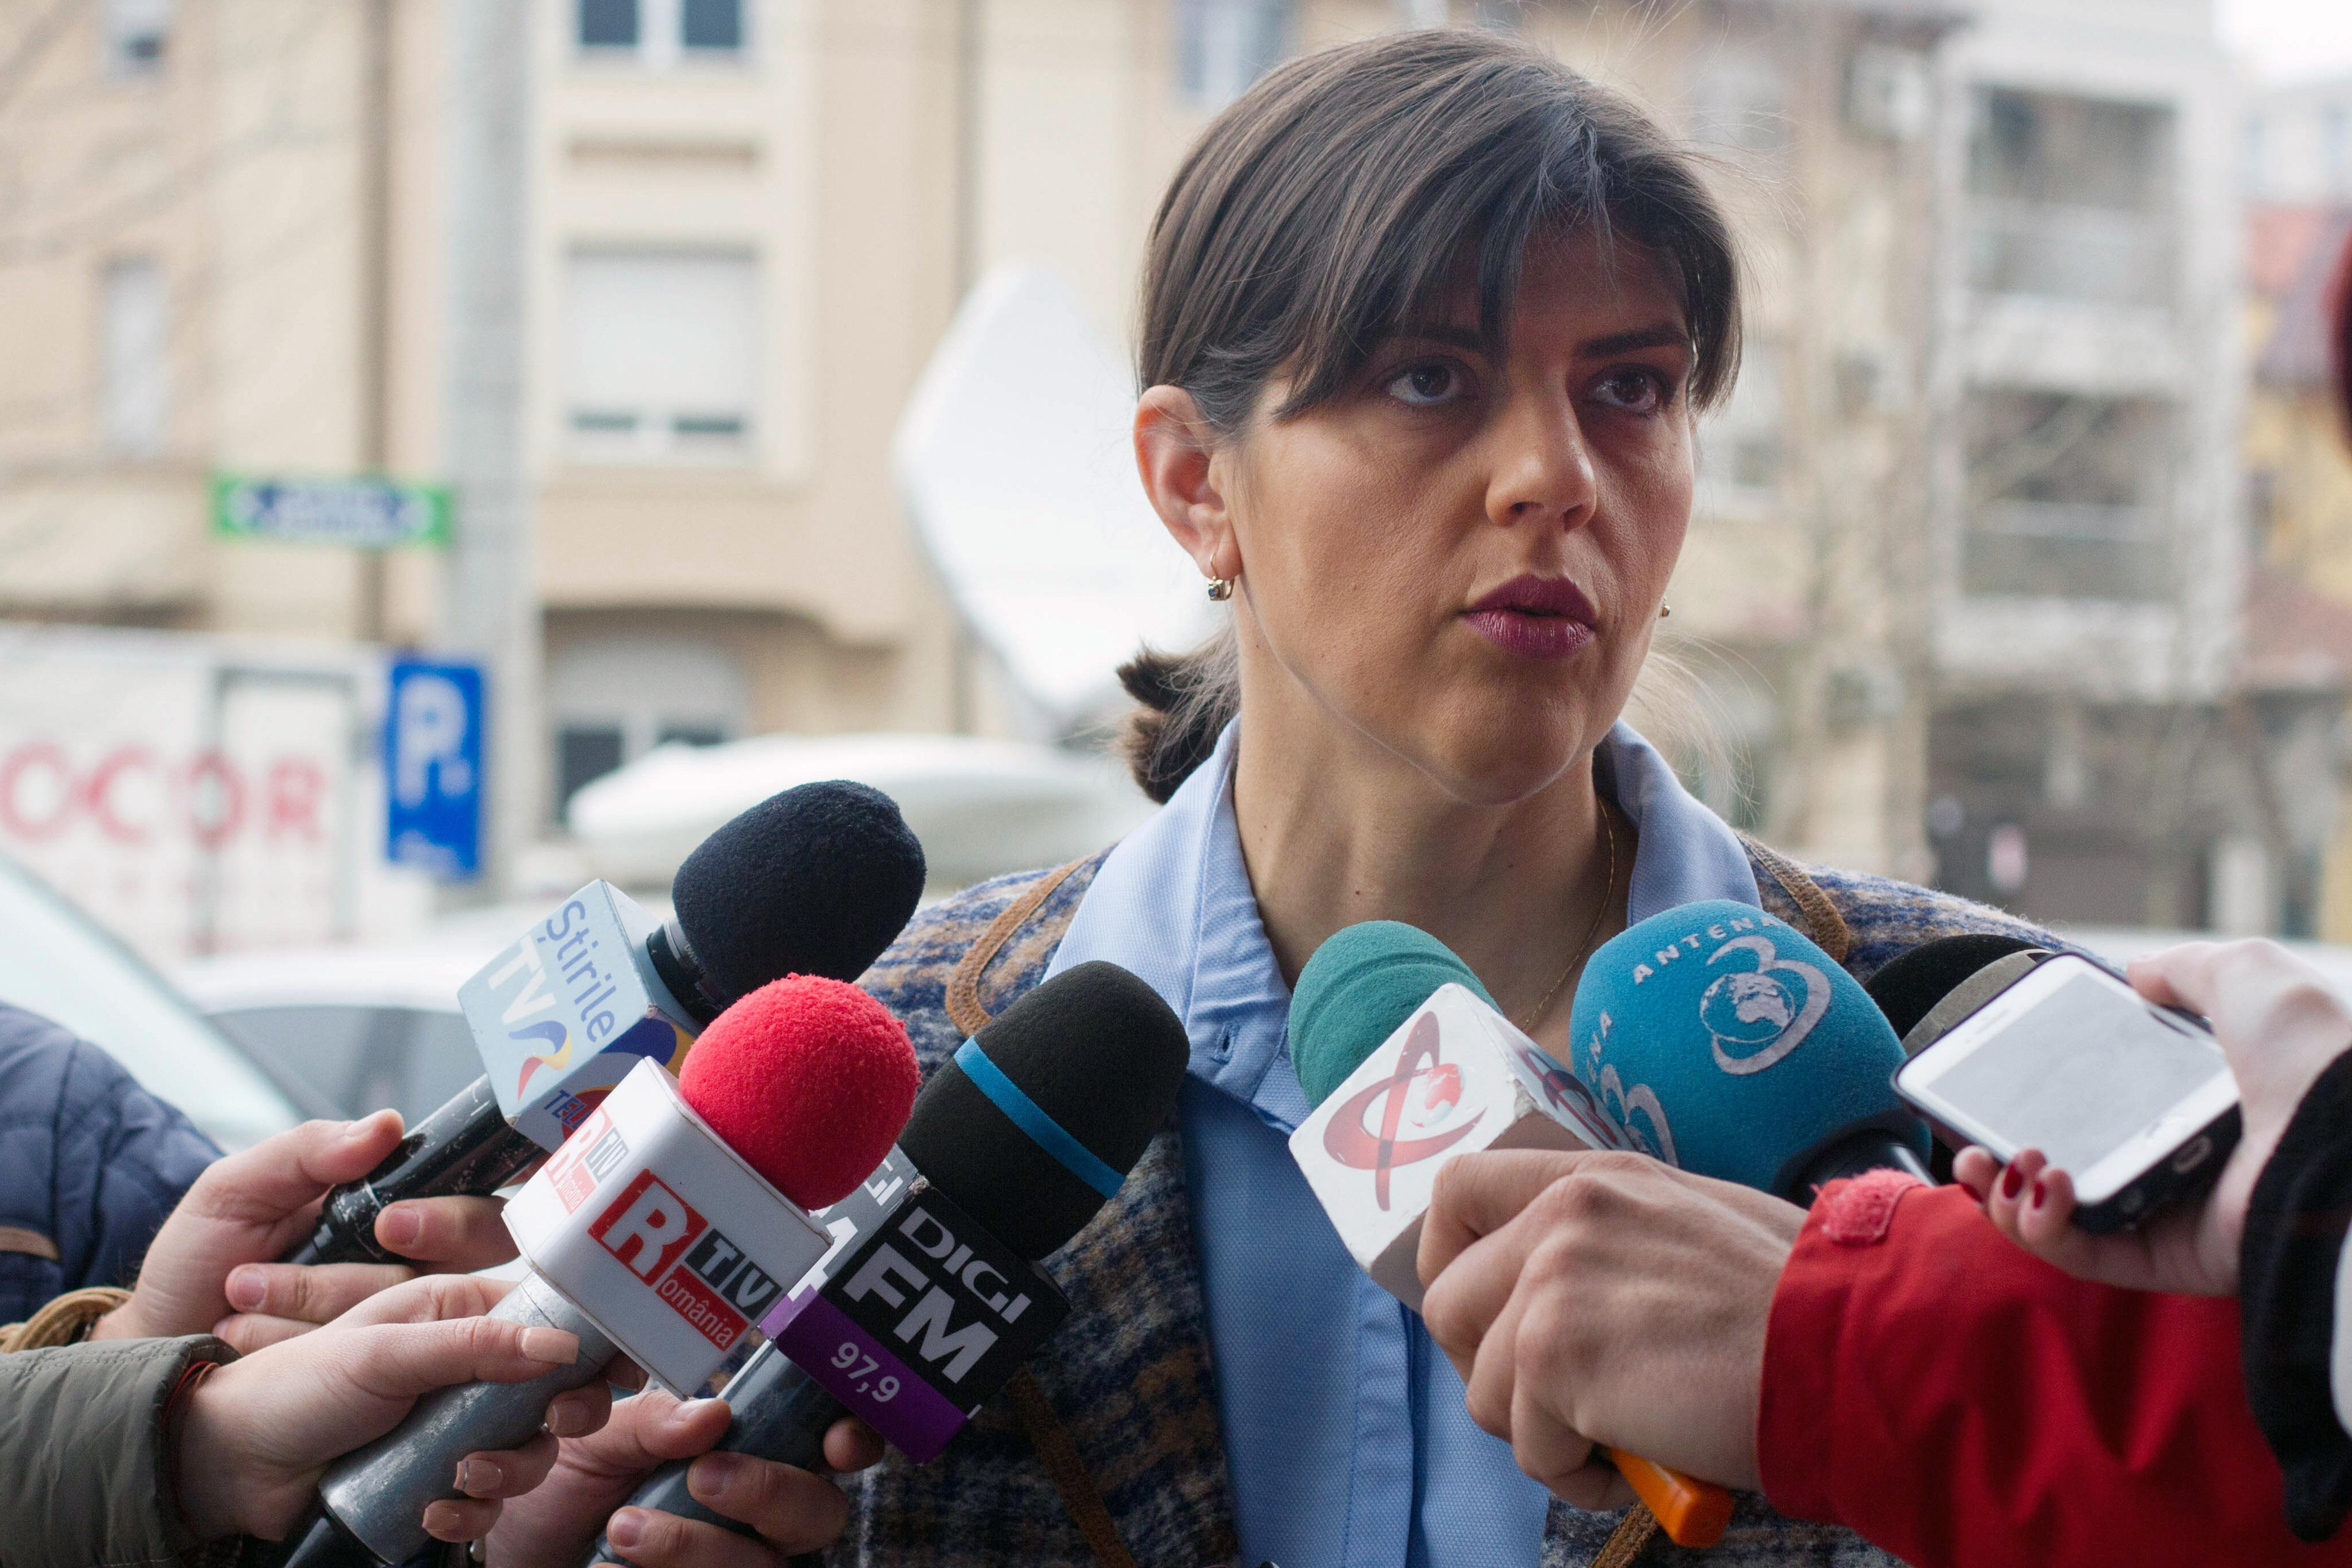 Laura Codruta Kovesi, aşteptată din nou la comisia de anchetă privind alegerile din 2009: Dacă va declina invitaţia, se va face plângere la Ministerul Justiţiei sau penală